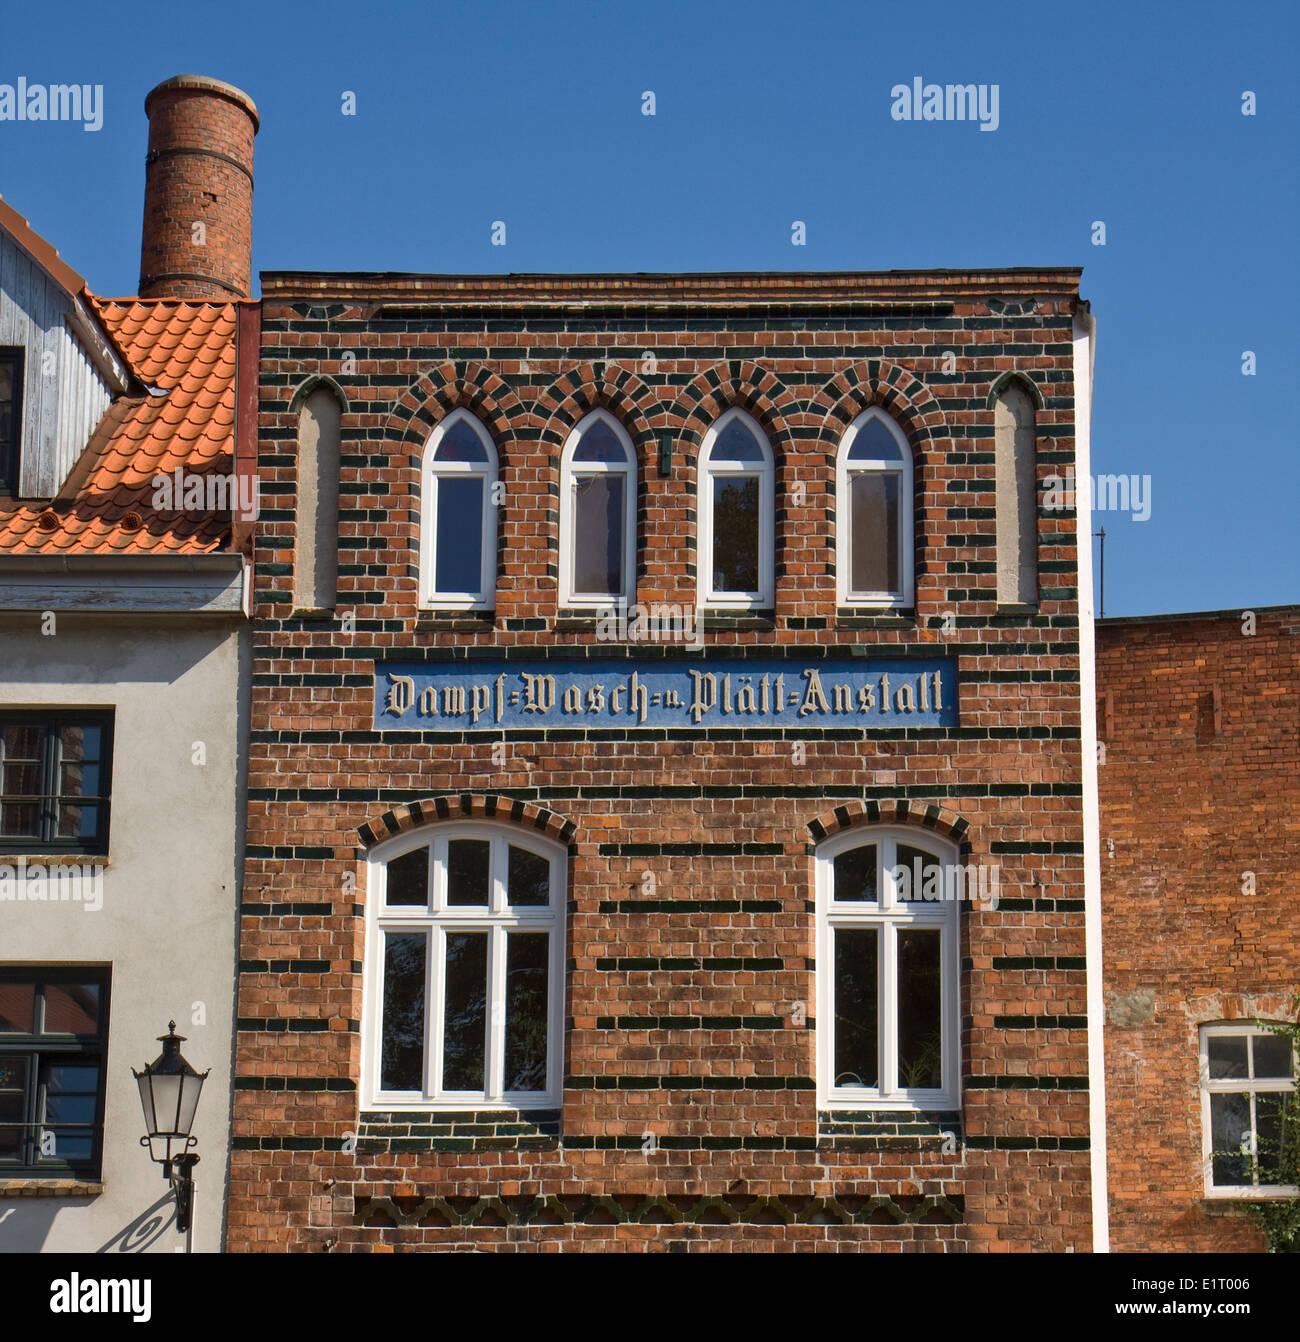 Europa, Deutschland, Mecklenburg-Vorpommern, Wismar, Dampf- Wasch- Plaett Anstalt - Stock Image